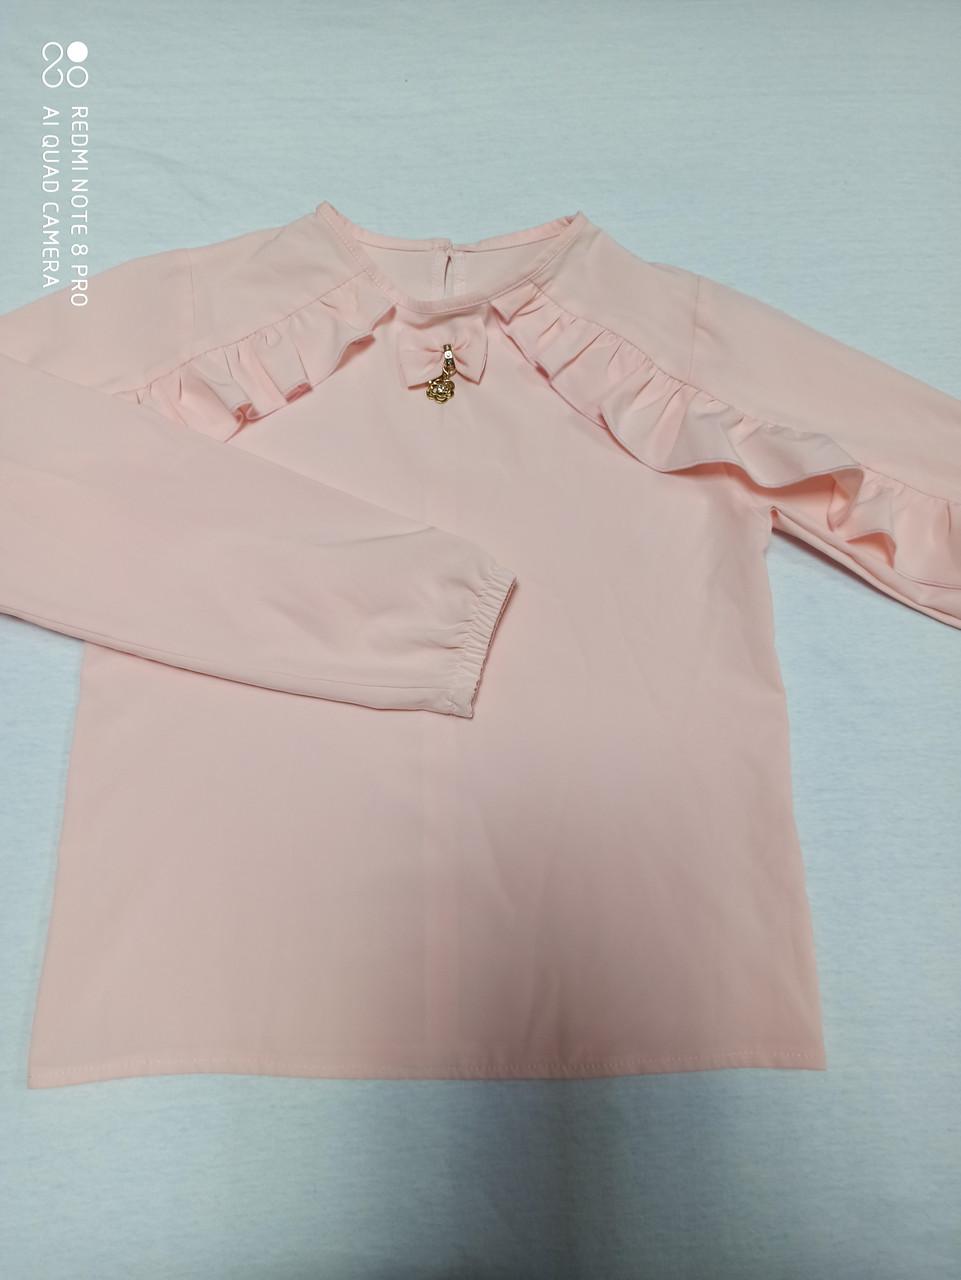 Блузка для девочки персикового цвета с рюшами.Размеры 140.158 рост.